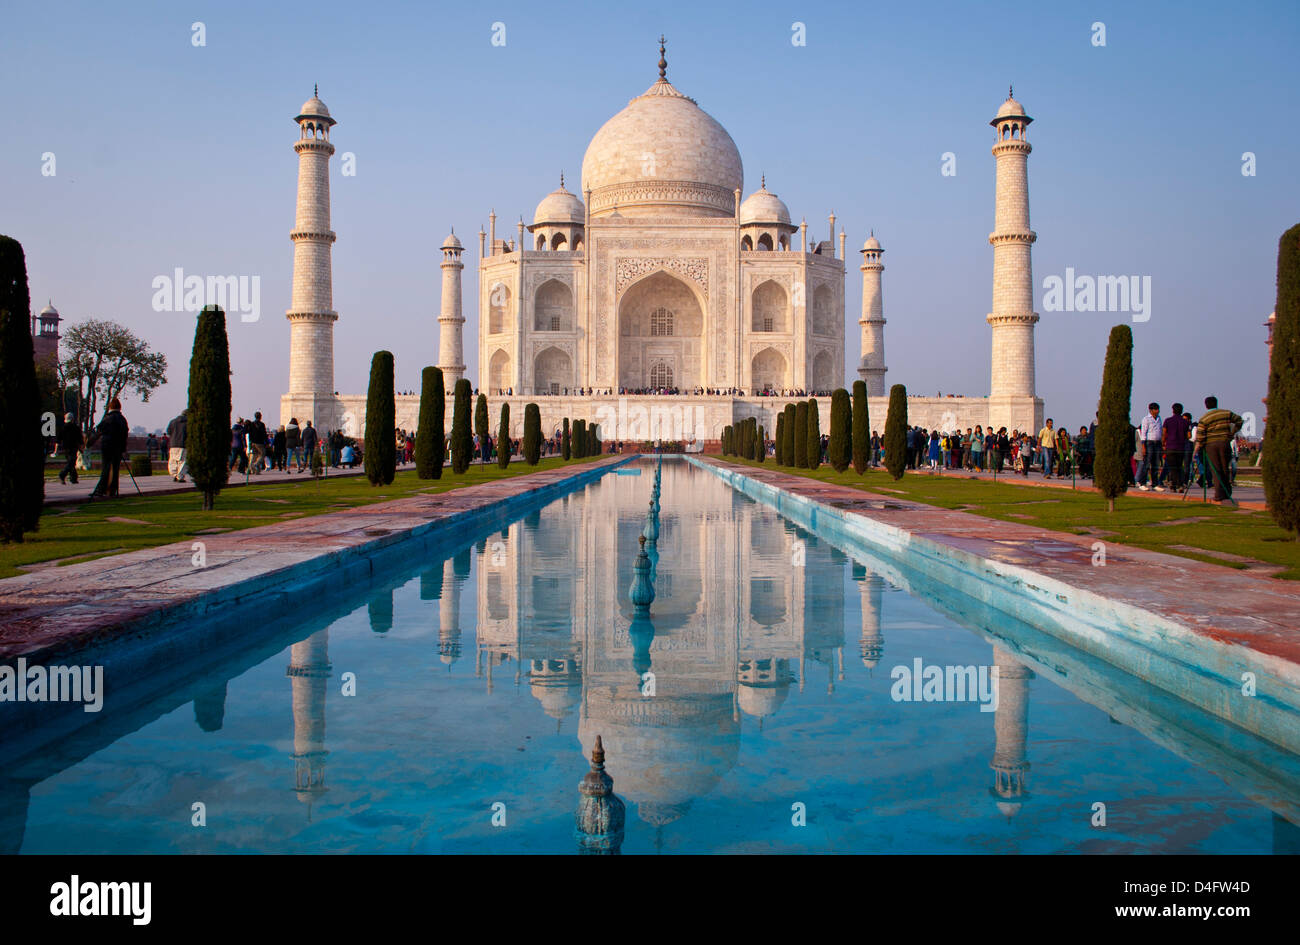 El Taj Mahal, en Agra, India al atardecer Imagen De Stock